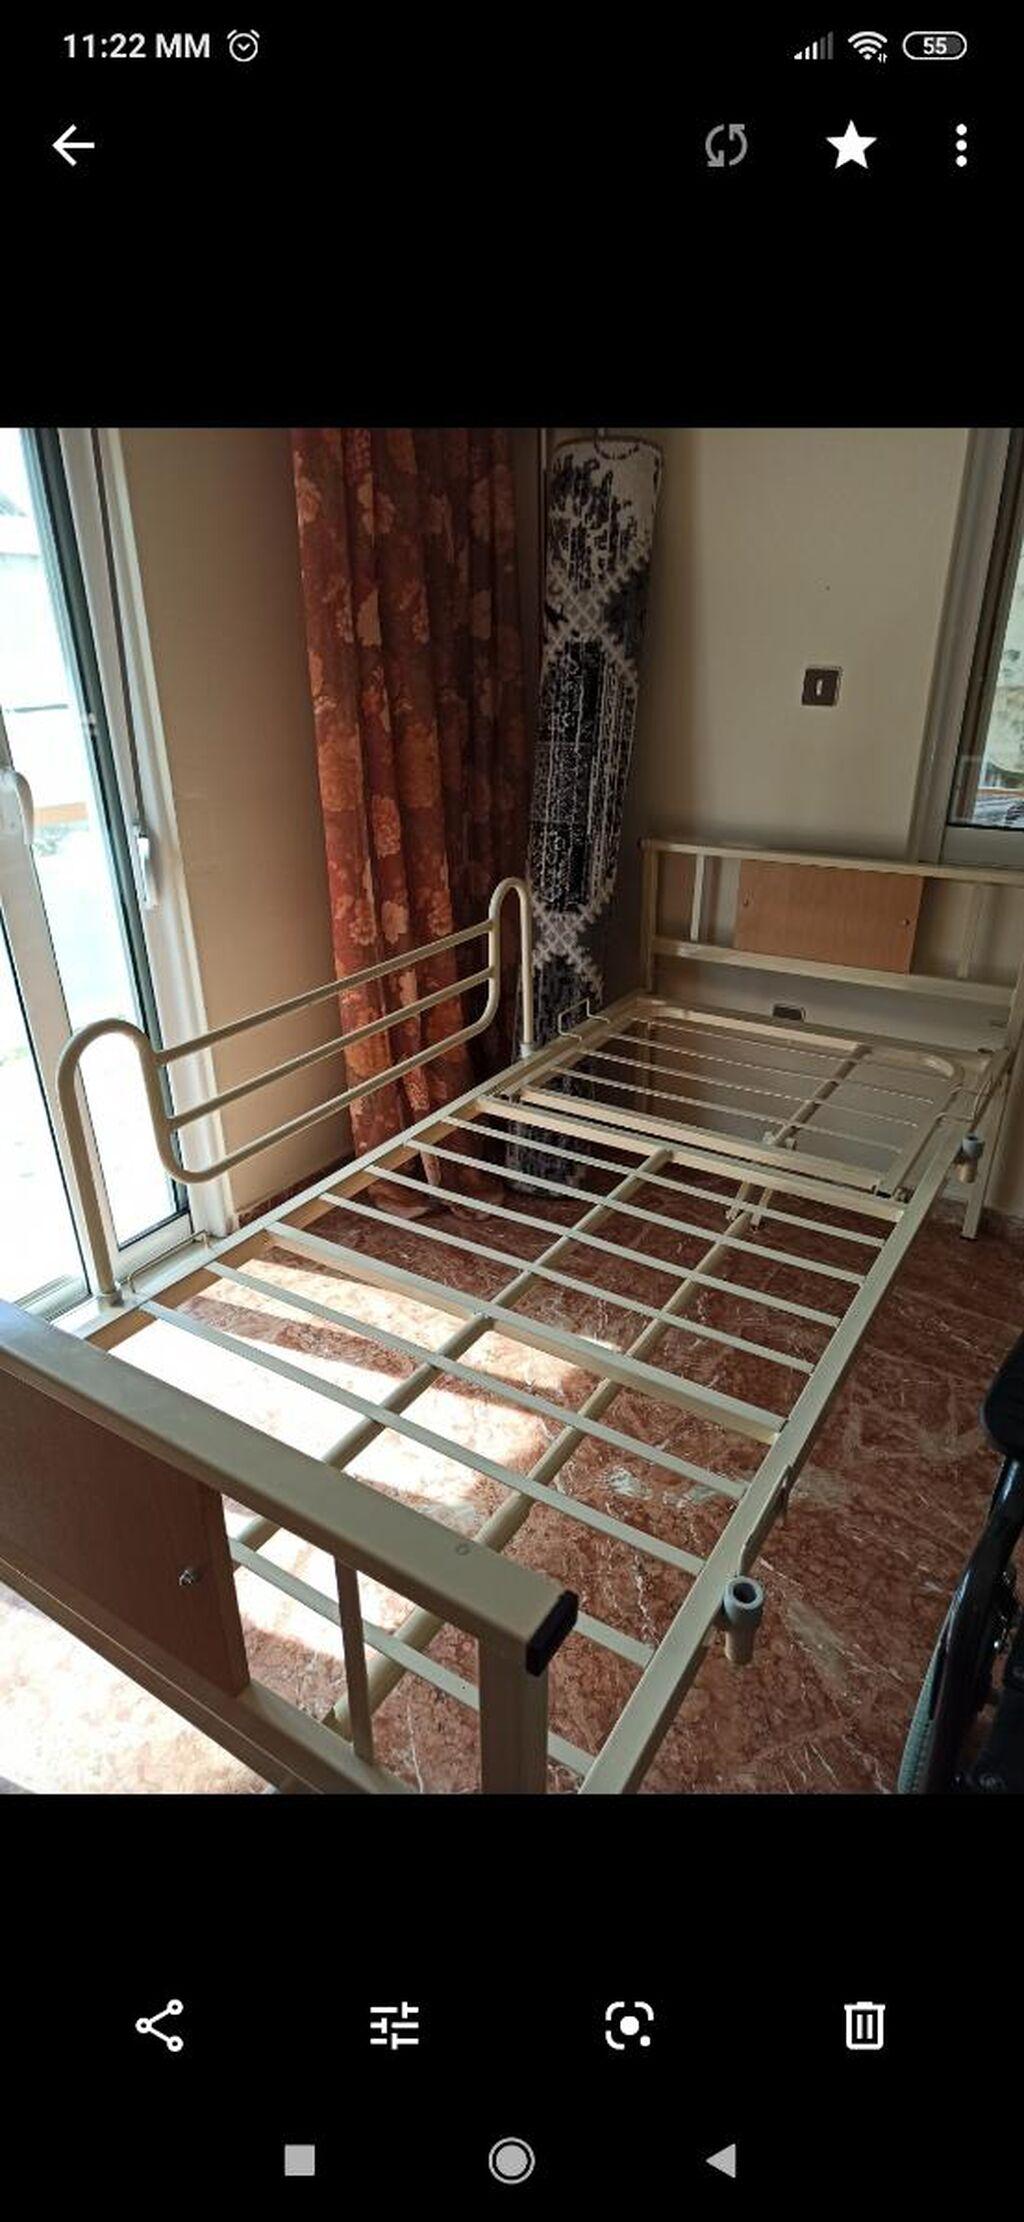 Καροτσάκι και κρεβάτι αποκατάστασης